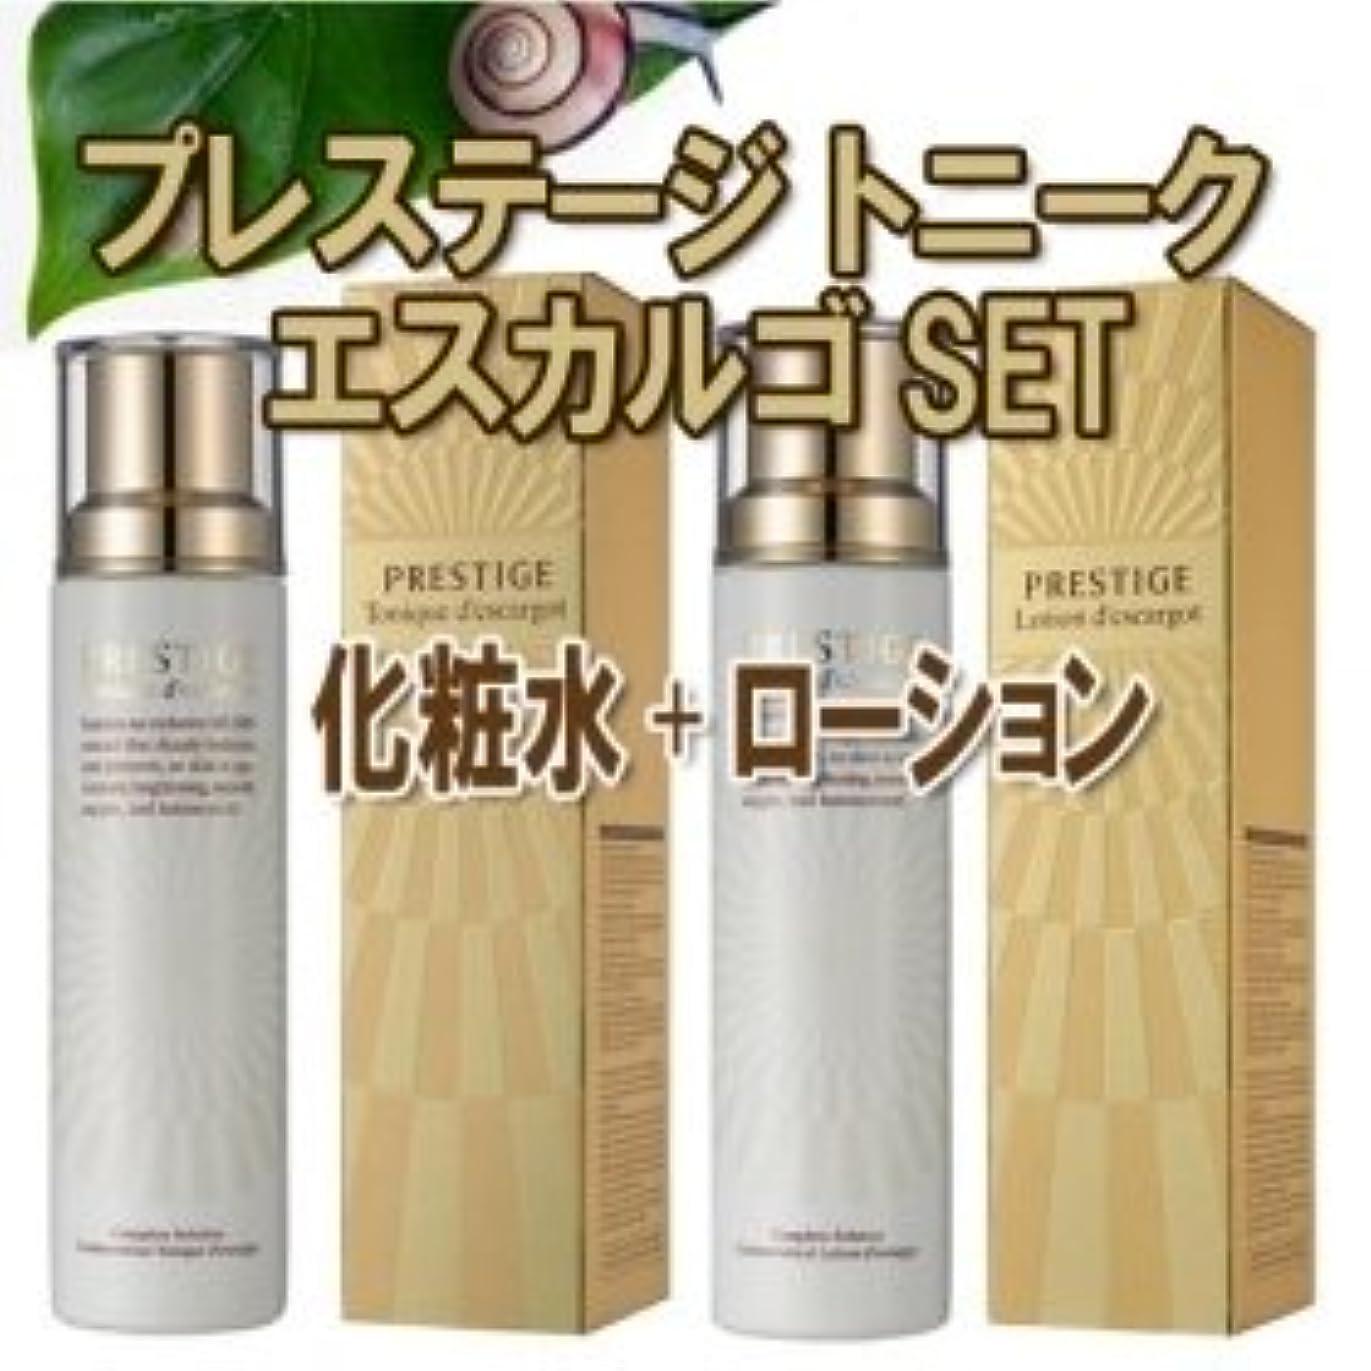 砂取り付けやりがいのあるIt`s skin(イッツスキン)プレステージ トニーク エスカルゴ化粧水+ローションセット 格安 韓国コスメ 海外直送品